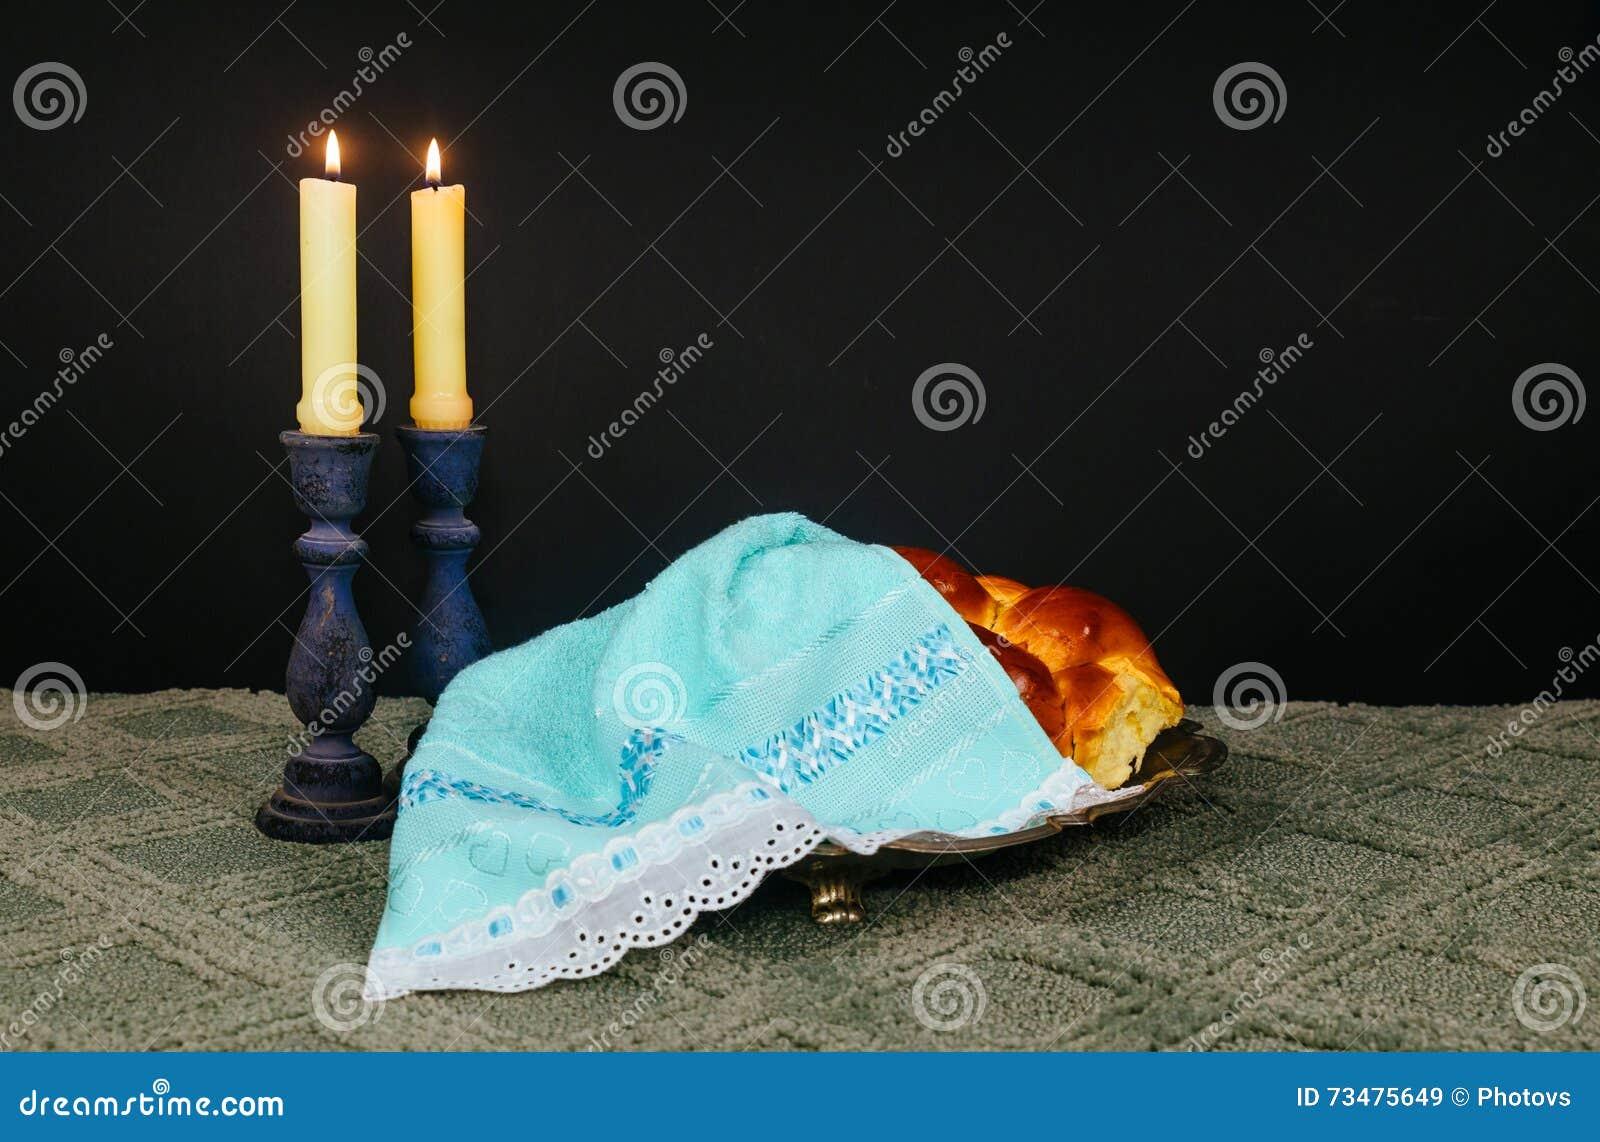 安息日图象 鸡蛋面包面包、安息日酒和坎德拉在木桌上 闪烁覆盖物